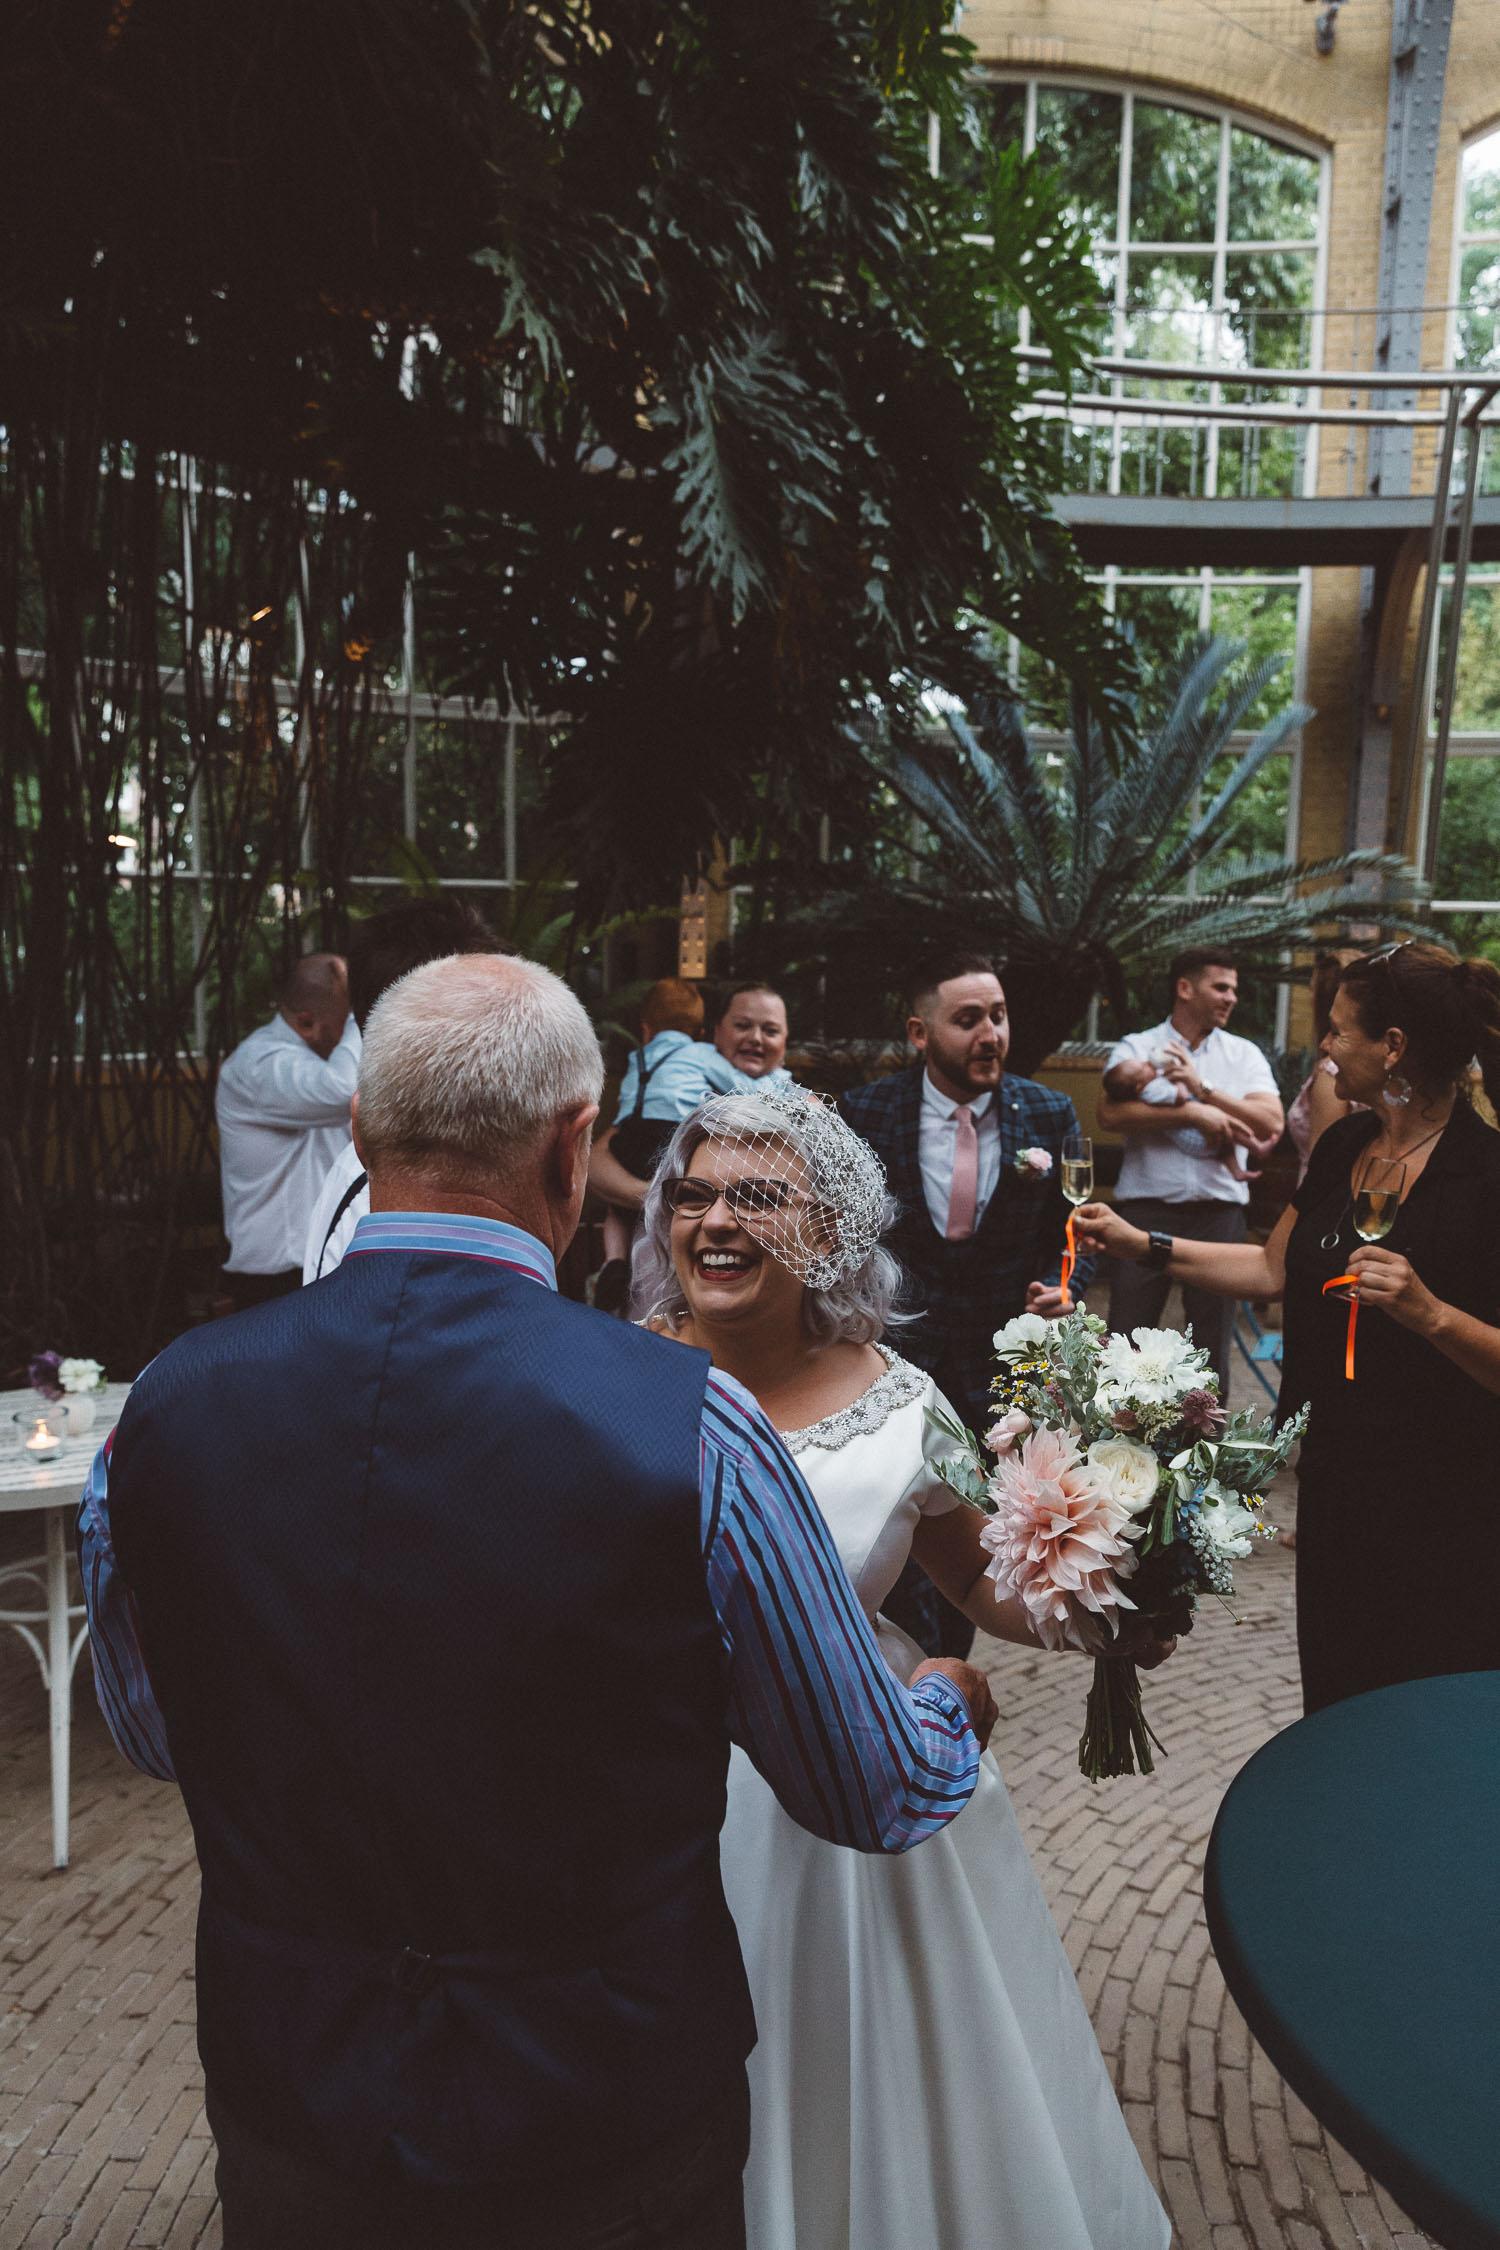 Wedding-Bethan-and-Mike-Hortus-Botanicus-photography-On-a-hazy-morning-Amsterdam100.jpg